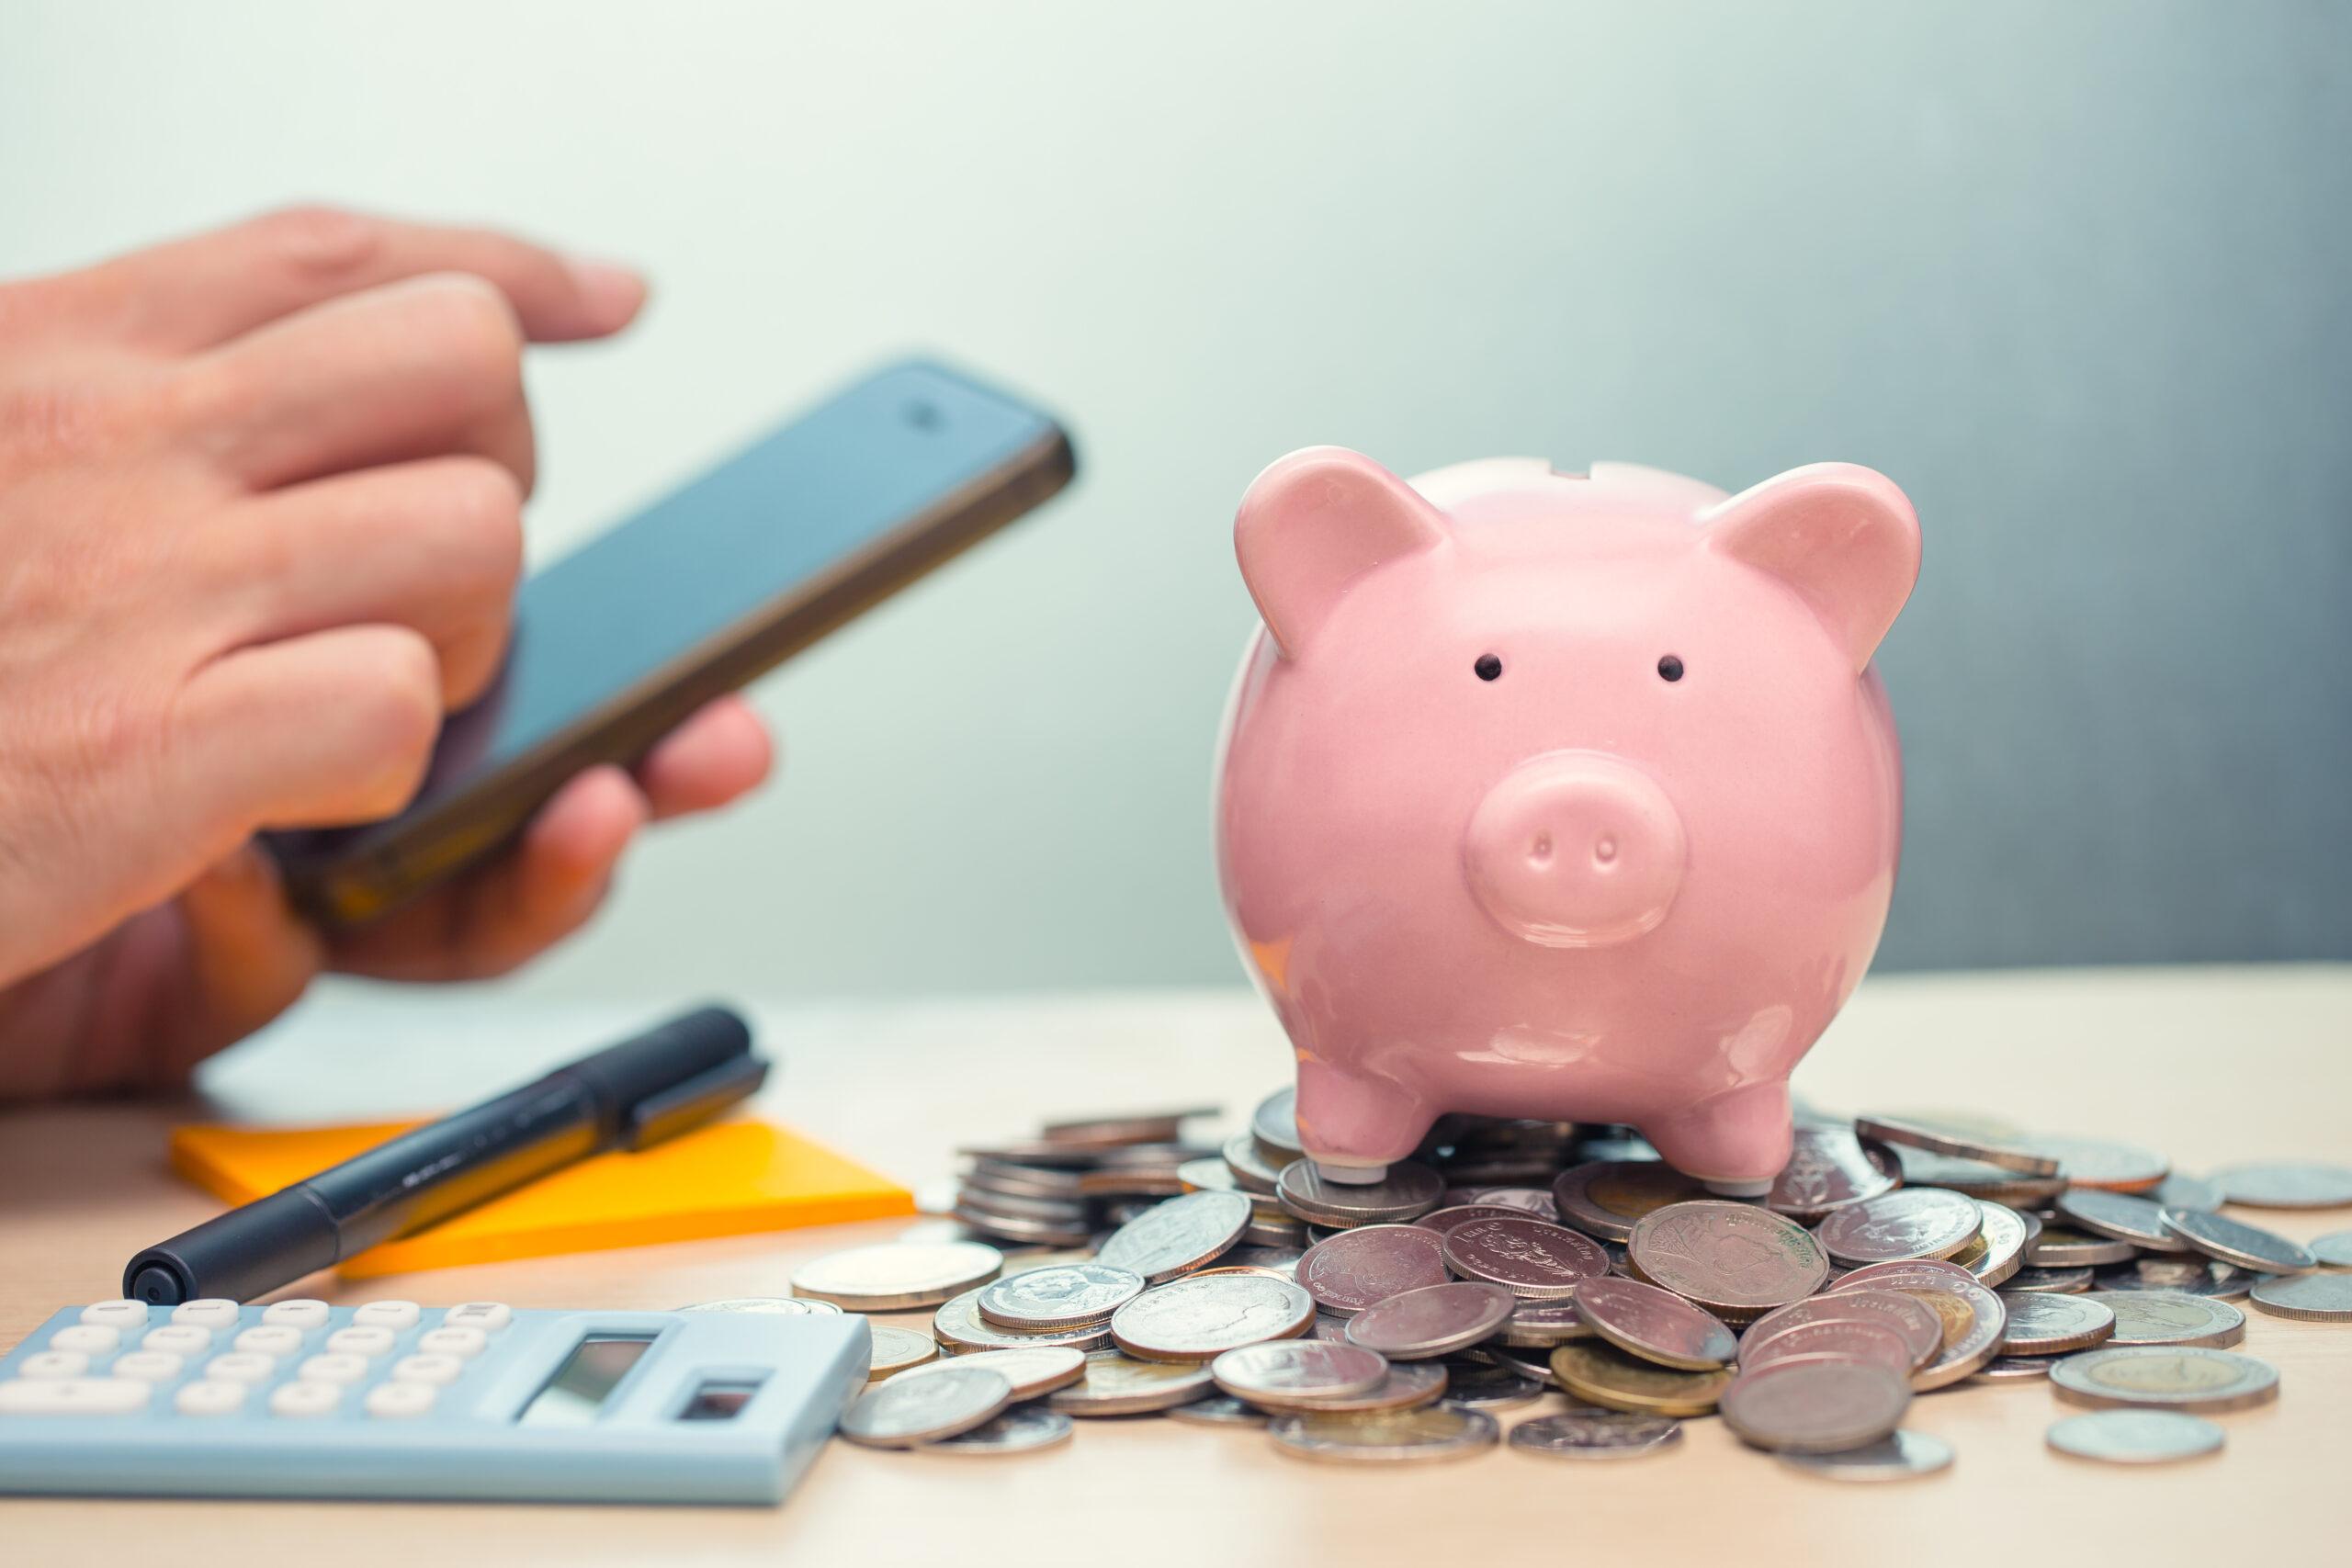 Броене на монети от прасе касичка, за да се прецени какъв заем до заплата да бъде взет